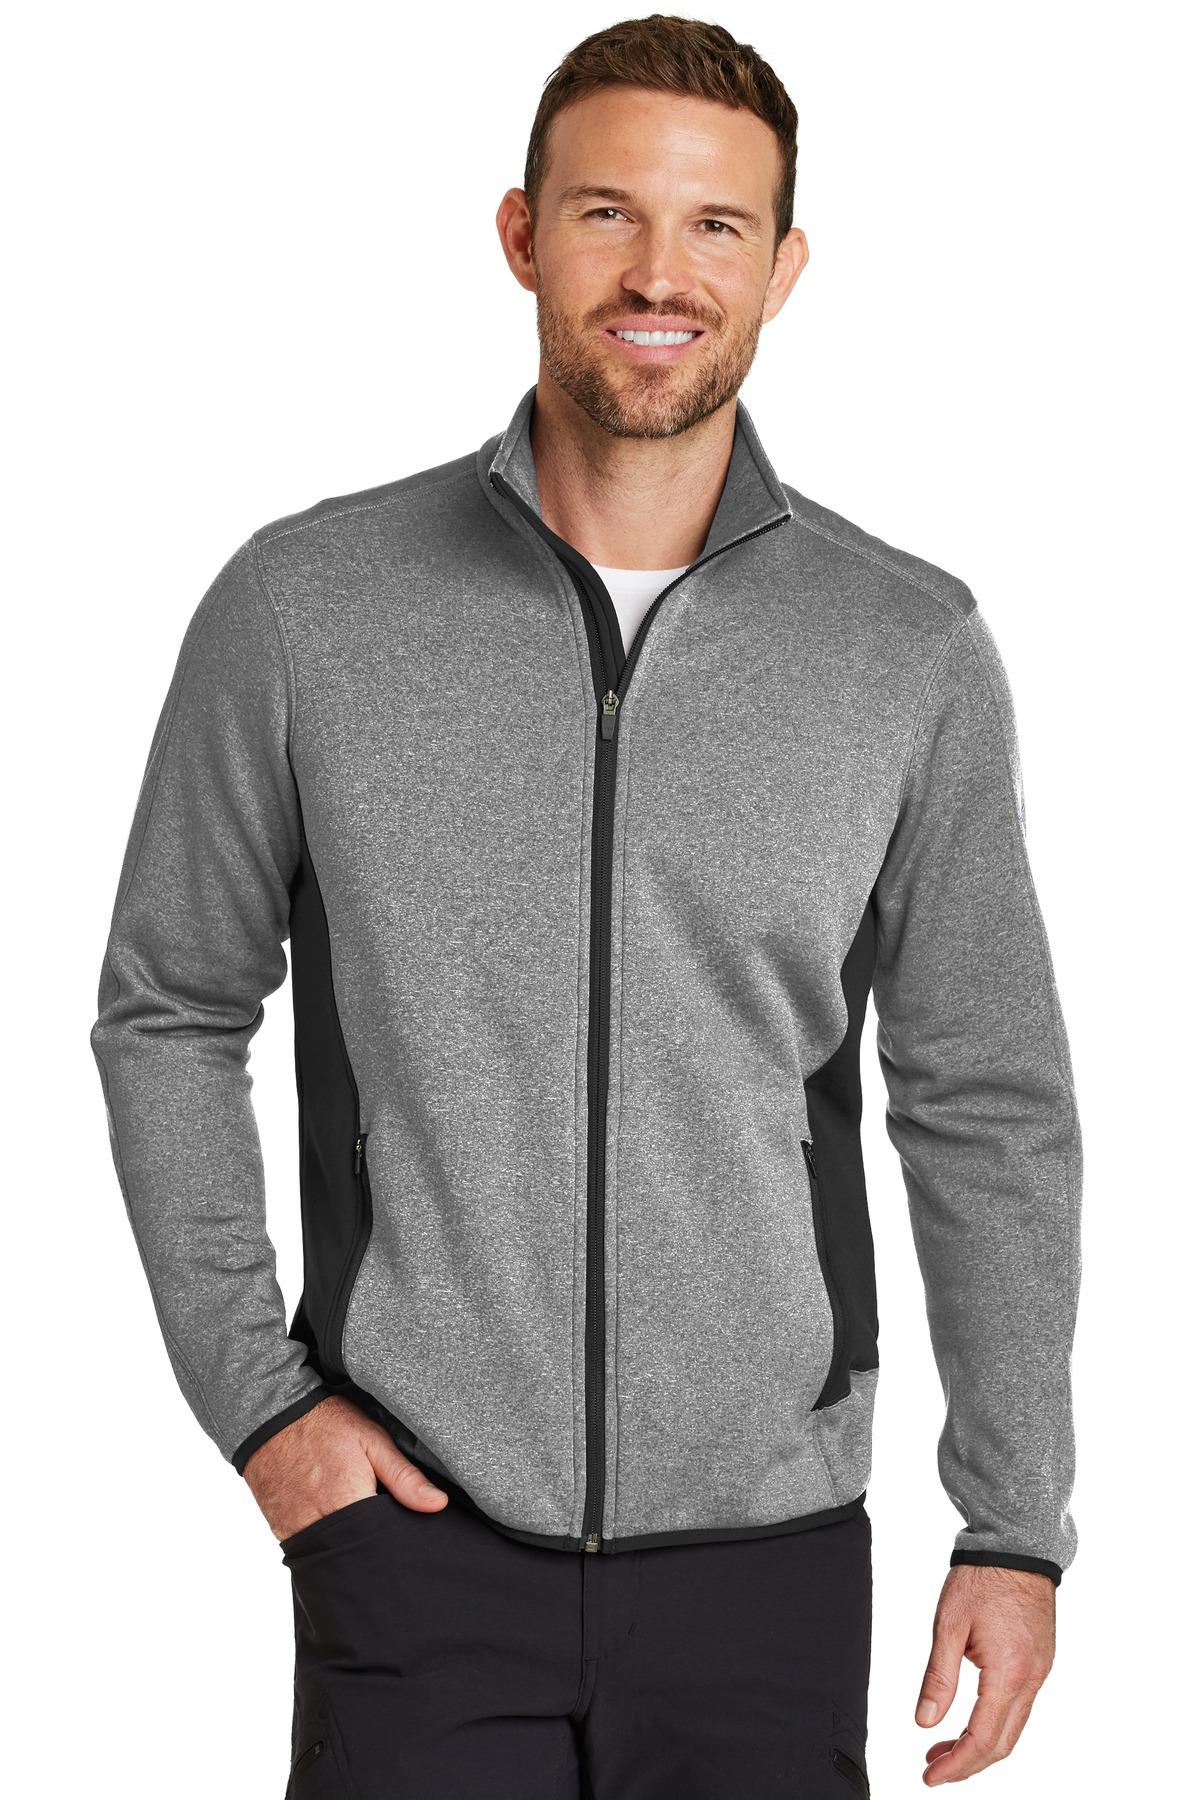 Eddie Bauer  Full-Zip Heather Stretch Fleece Jacket. EB238